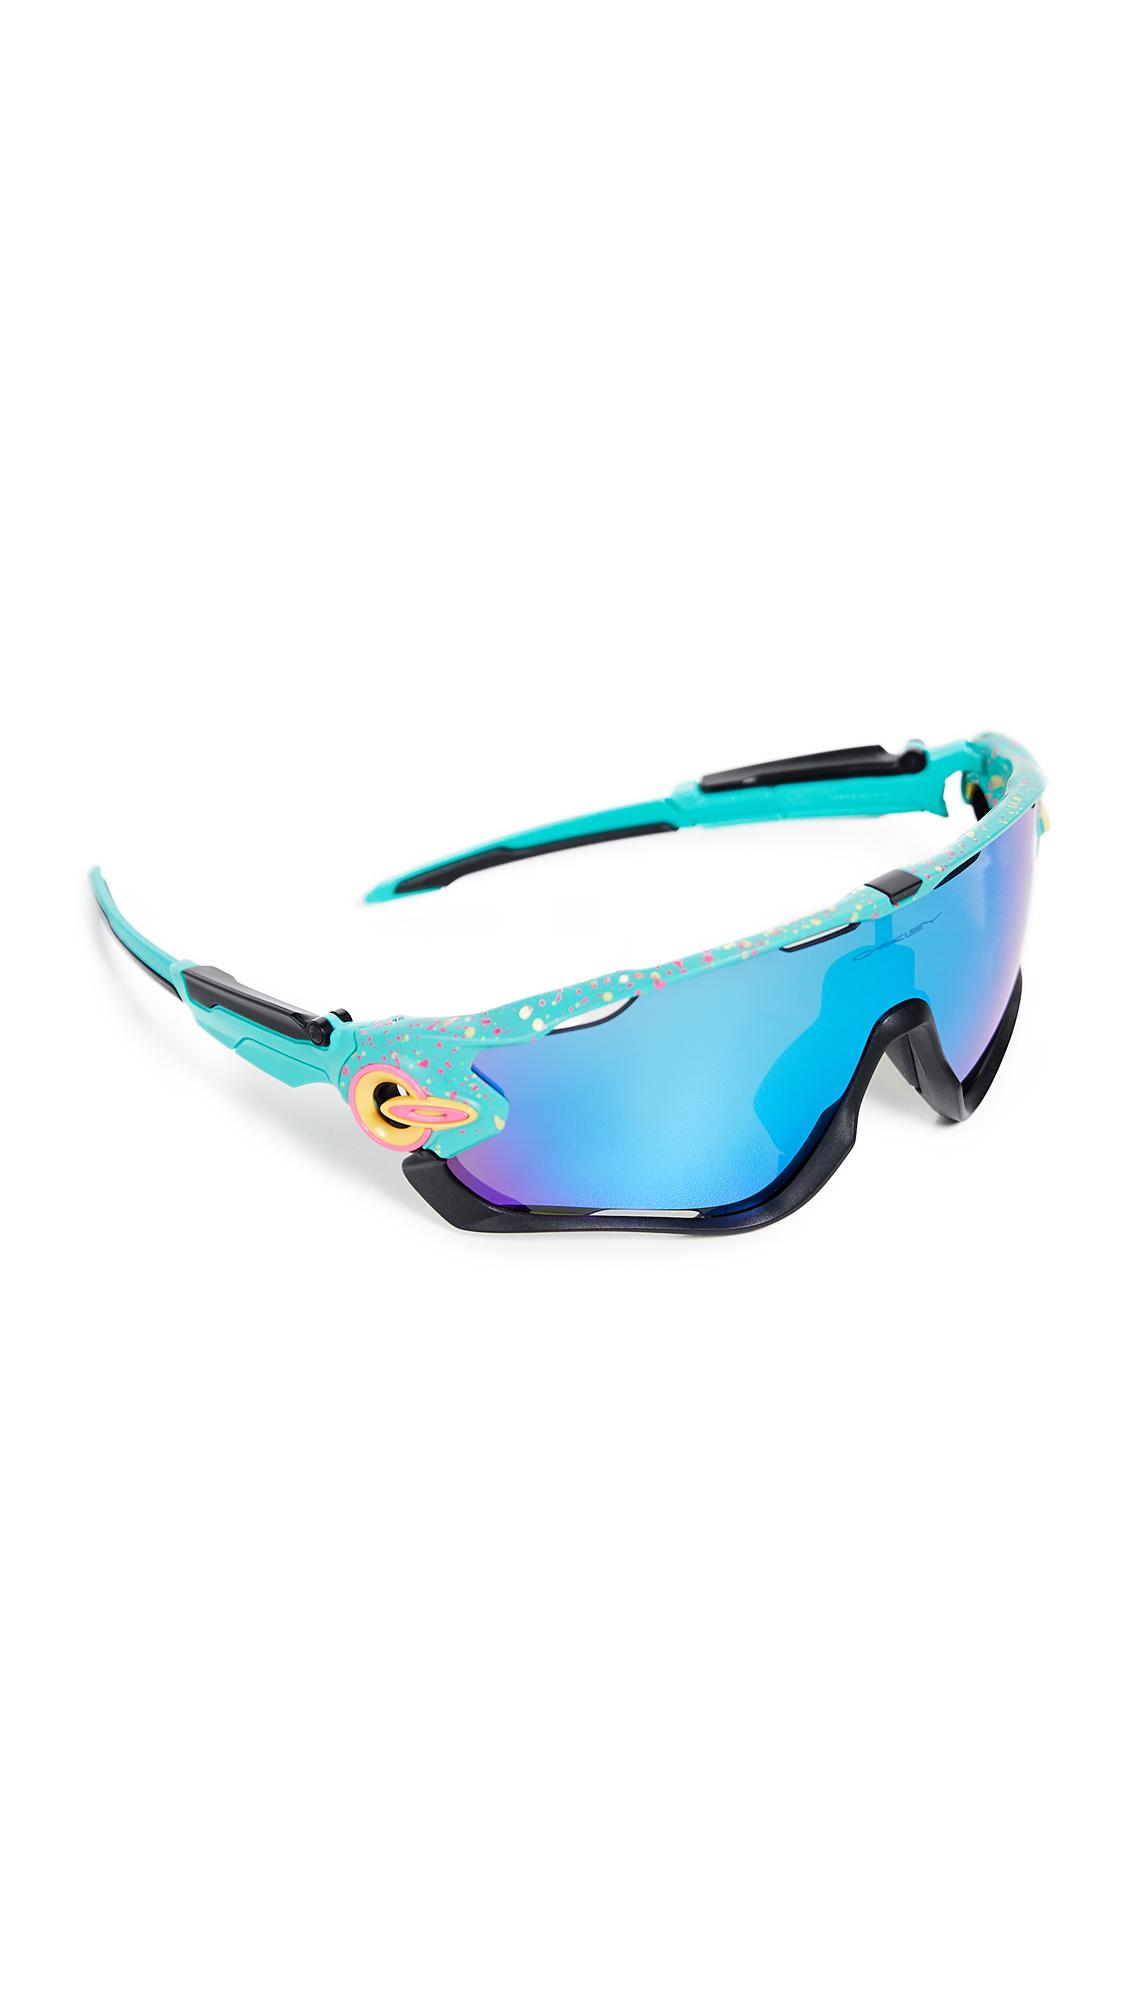 35df215f87 Oakley Jawbreaker Splatter Sunglasses